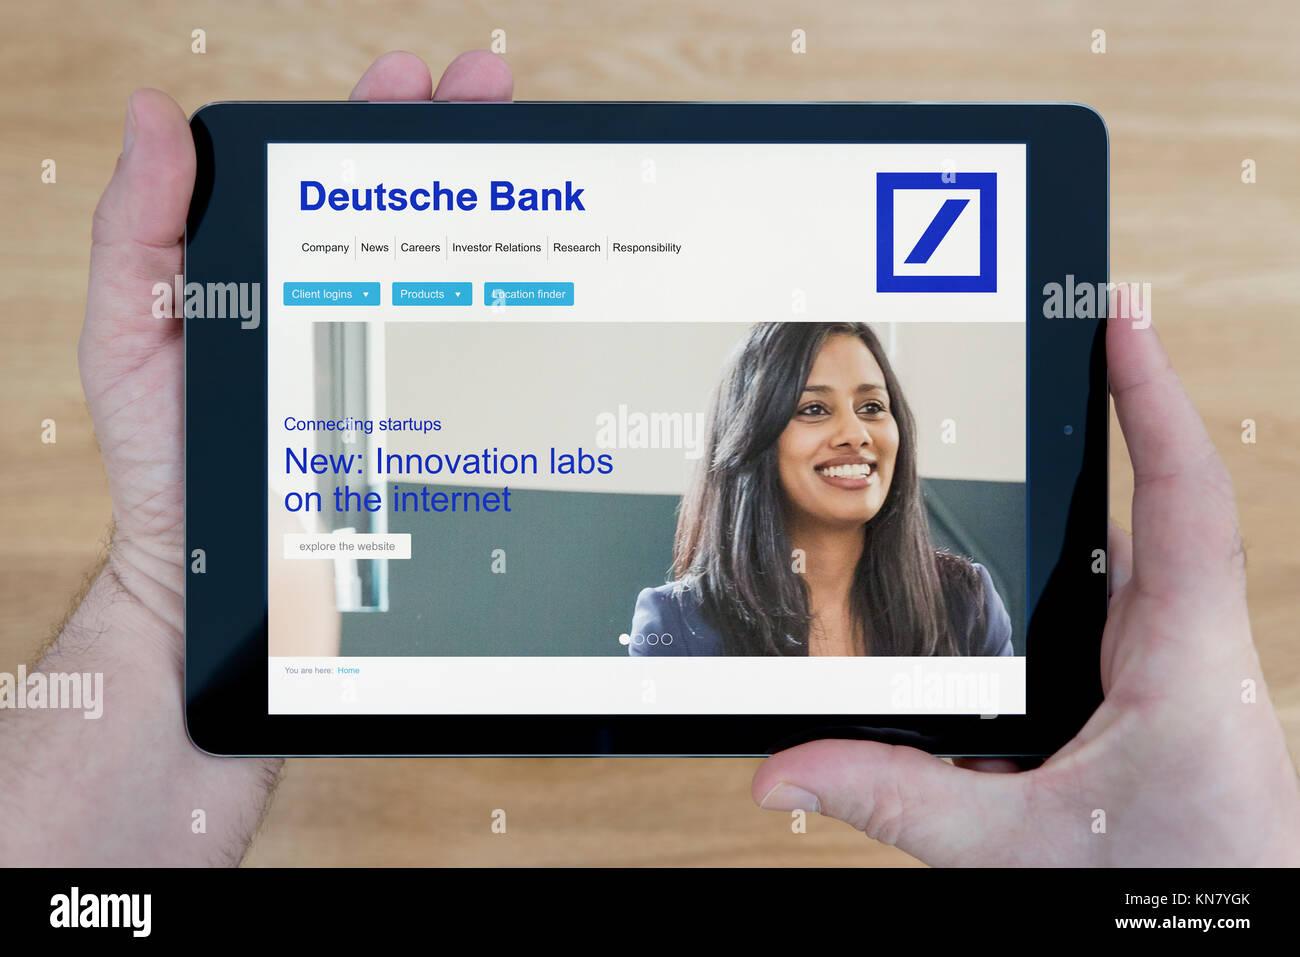 Ein Mann sieht die Deutsche Bank Website auf seinem iPad tablet device, Schuß gegen einen hölzernen Tisch Stockbild